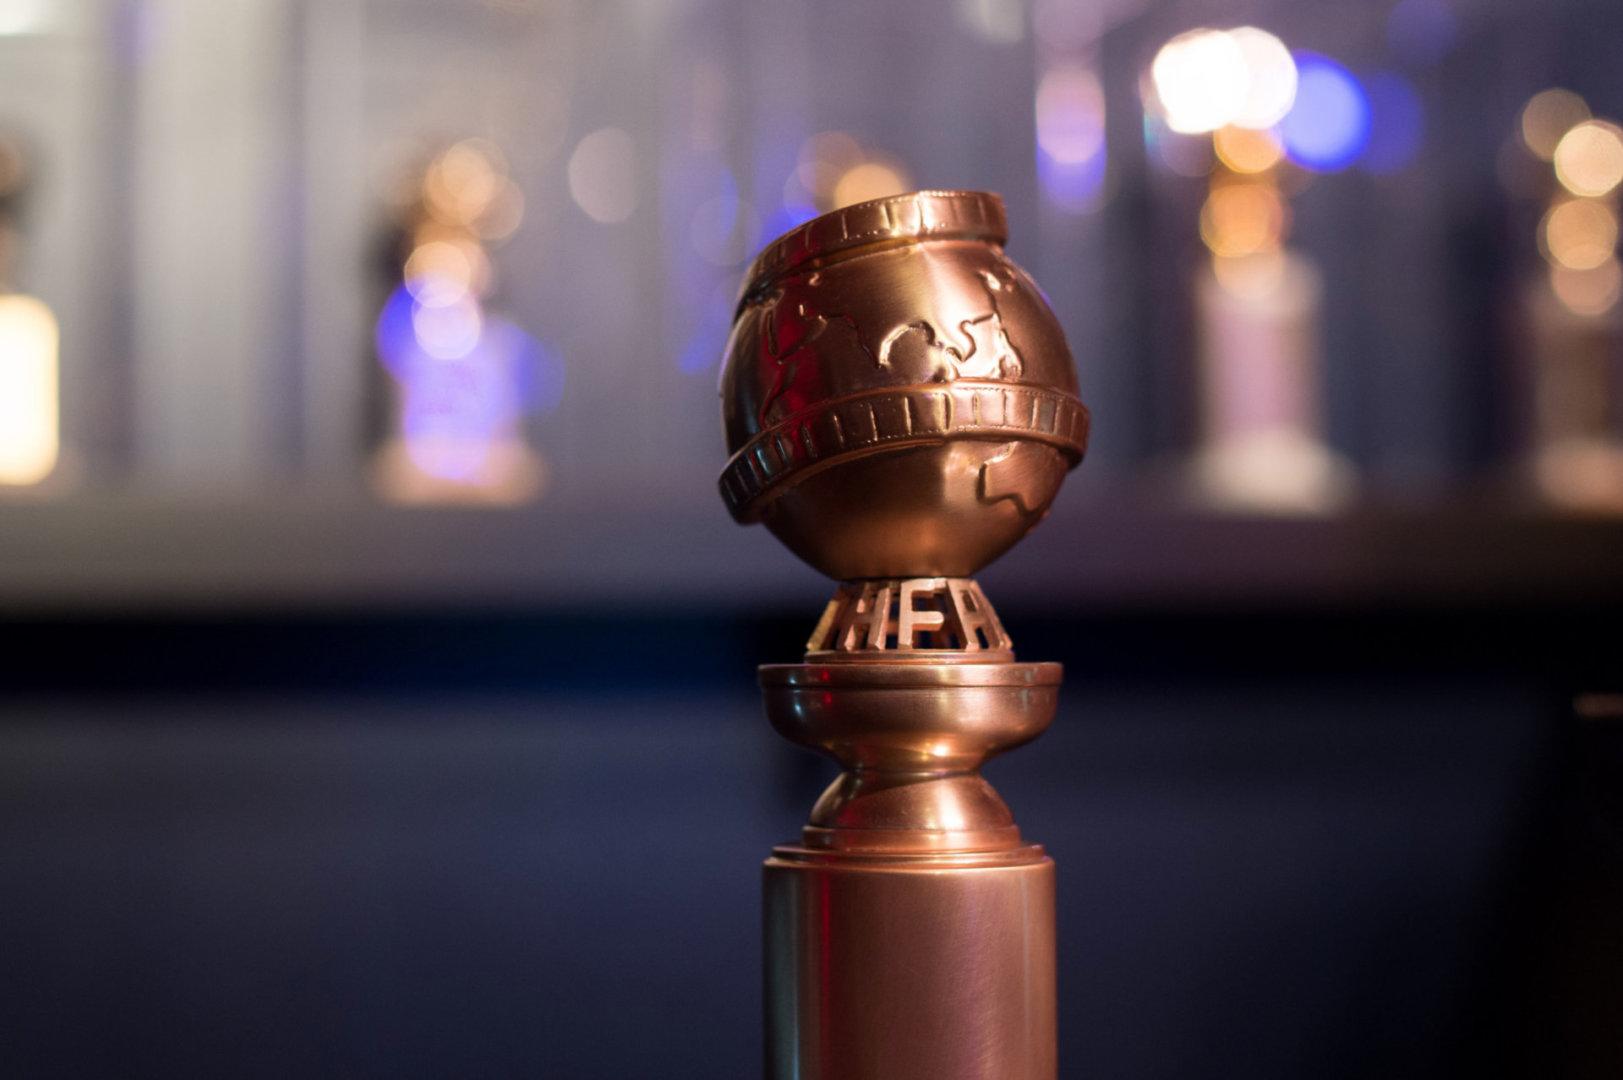 Prêmio do Globo de Ouro